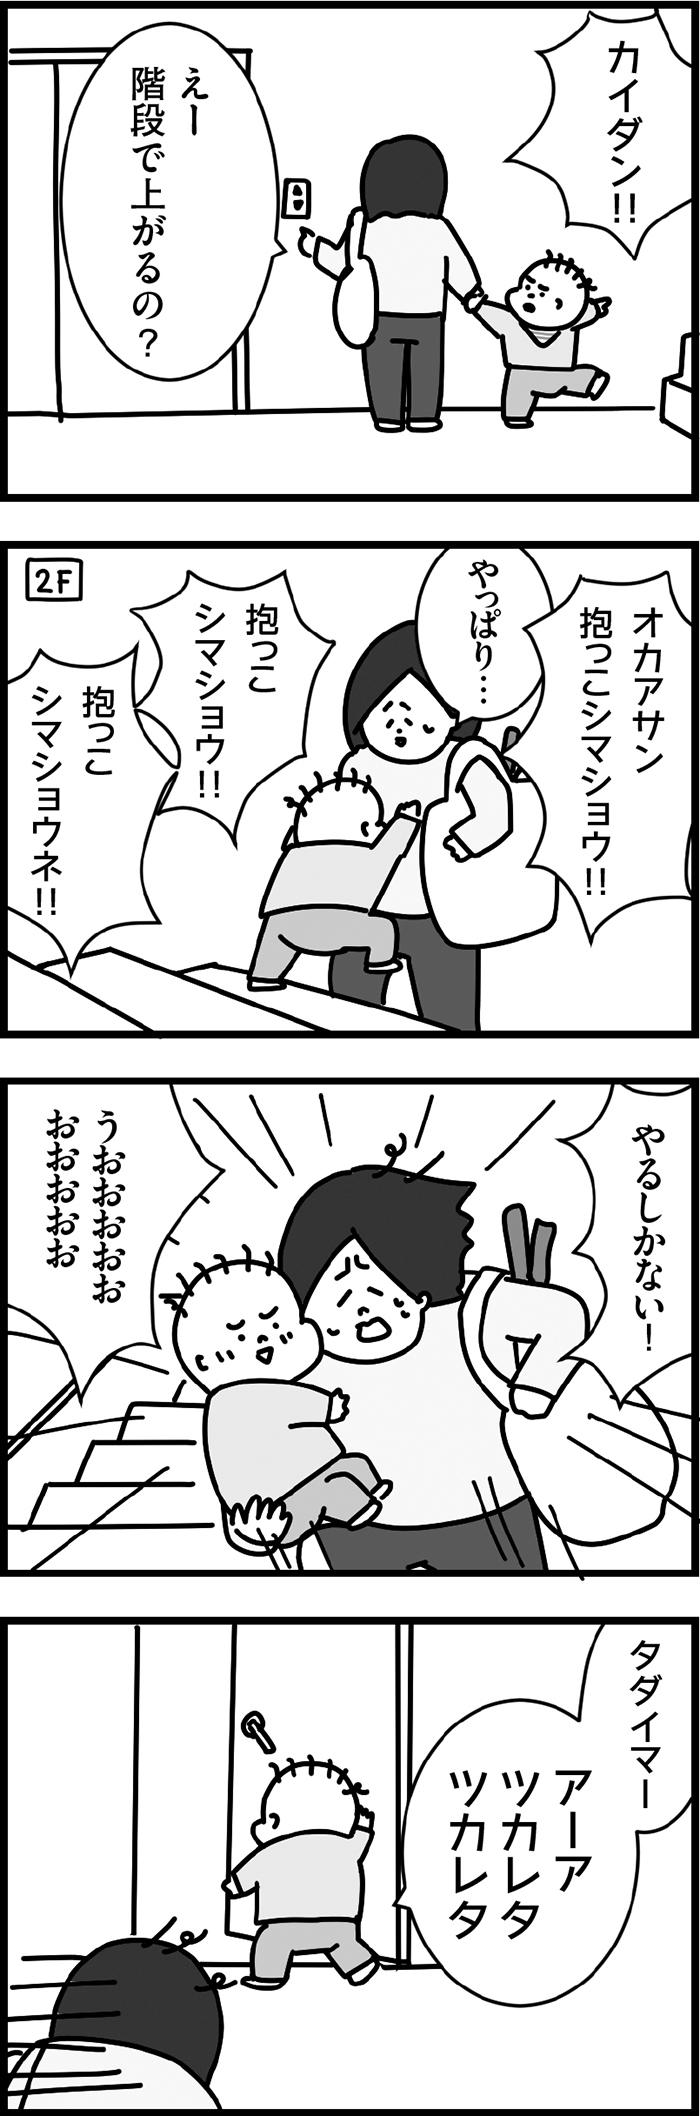 「オカアサン抱っこシマショウ!!」3歳が丁寧語でむちゃぶりしてくるの画像1